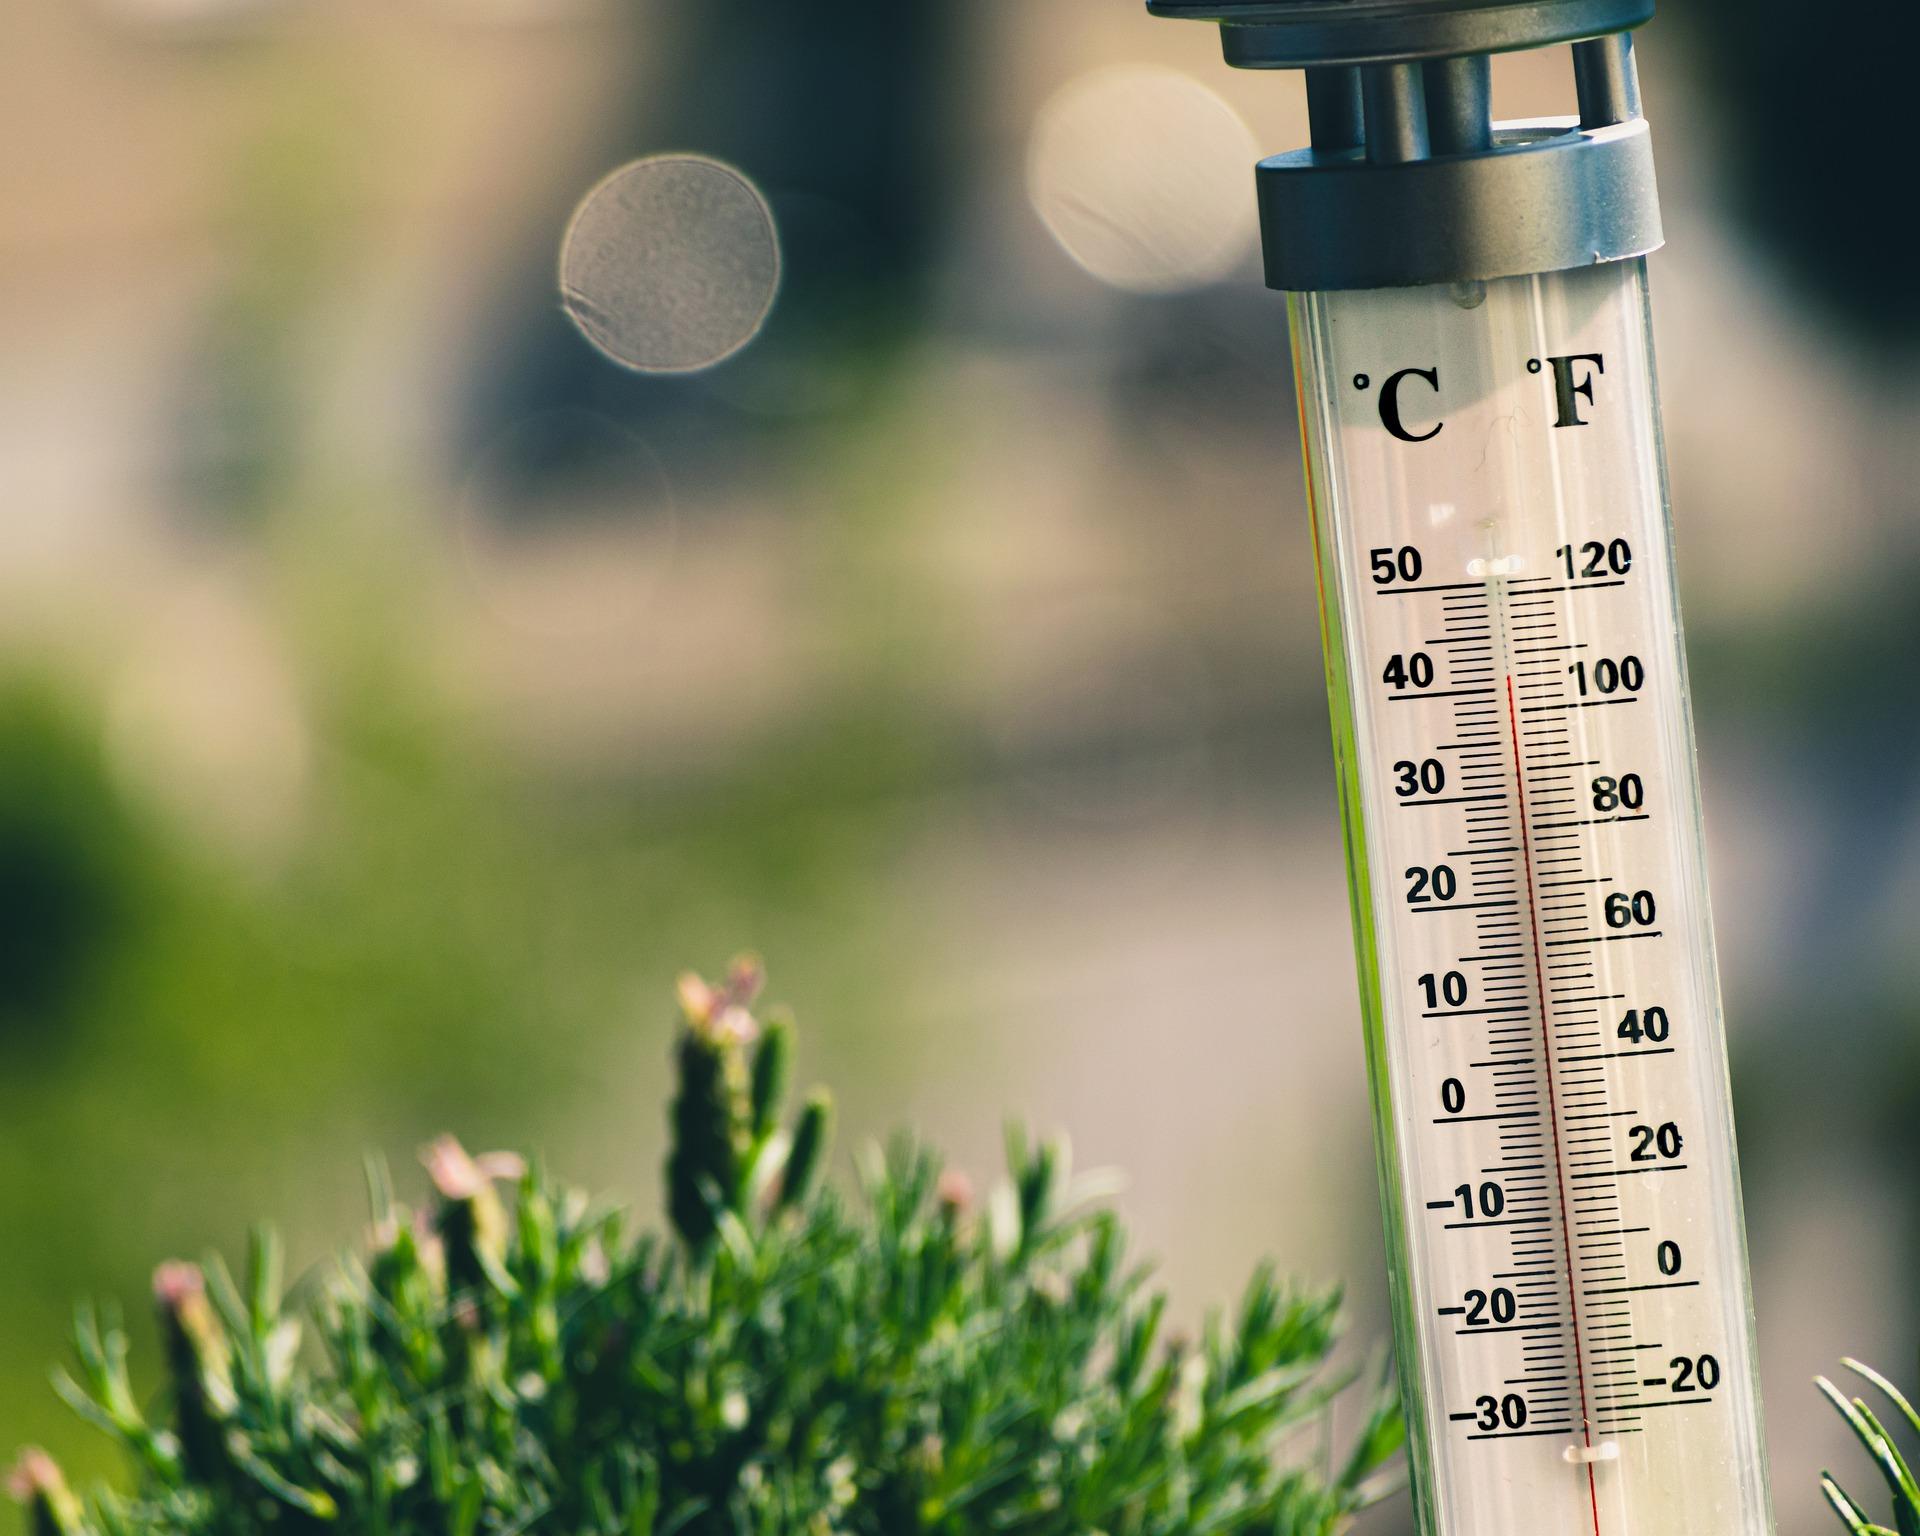 Aussenthermometer, das 41 Grad Celsius anzeigt.